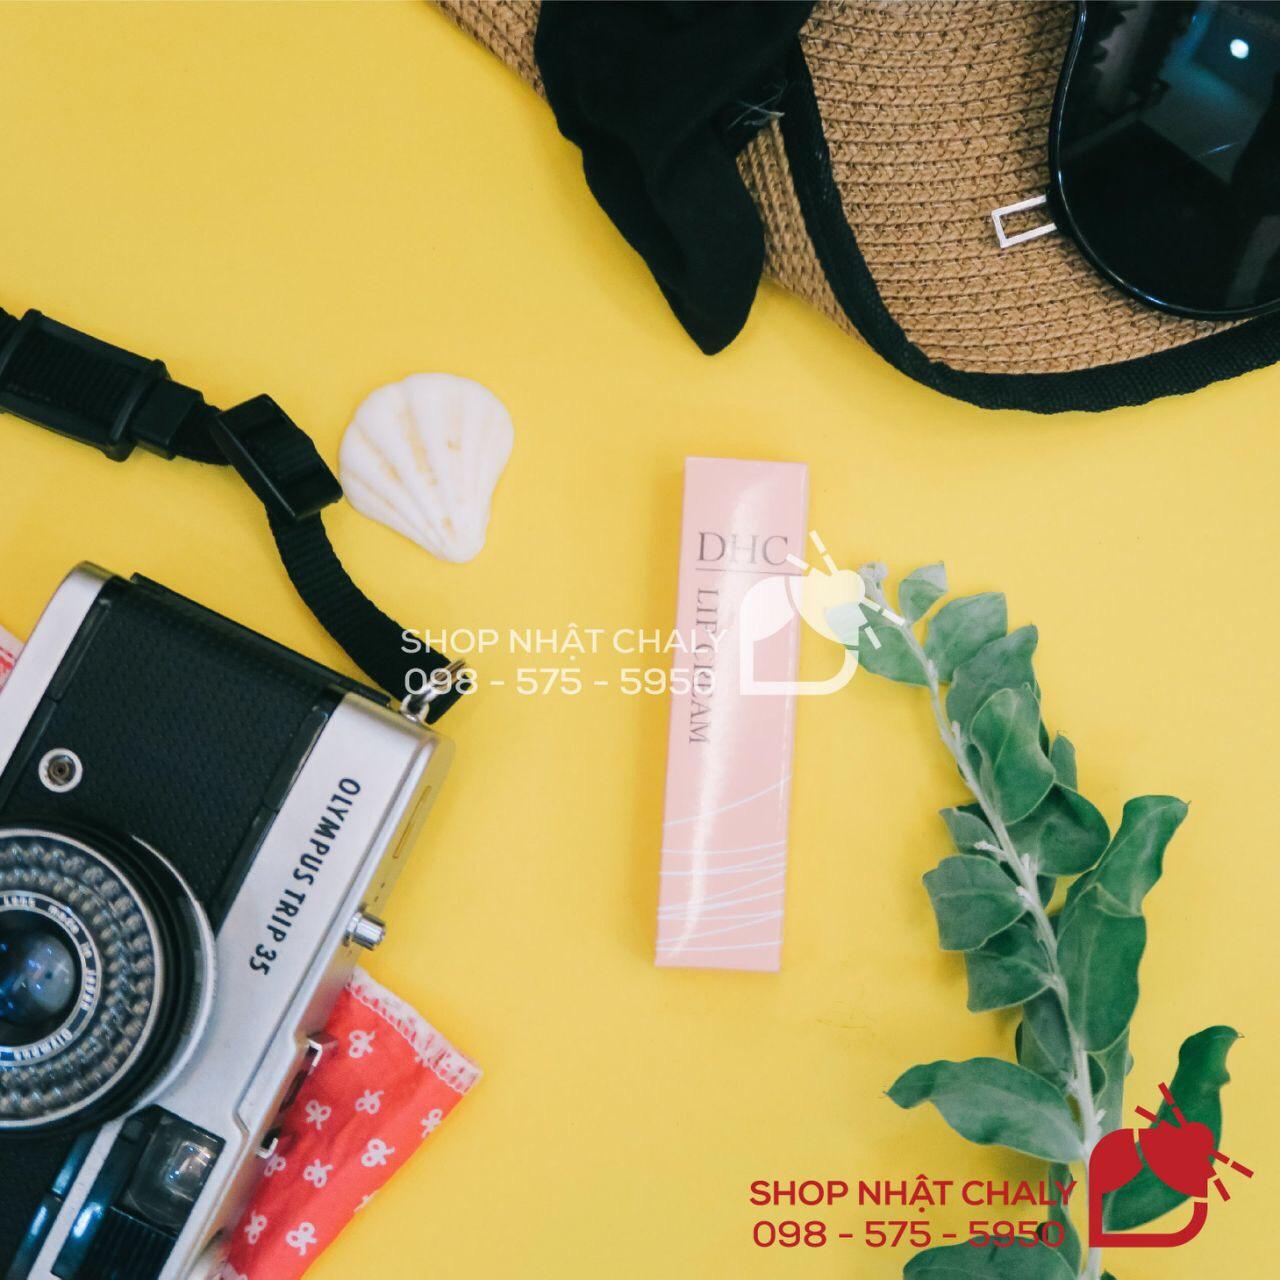 Giá son DHC bình dân nên được coi là sản phẩm trị thâm môi của Nhật giá rẻ, phù hợp mọi đối tượng người dùng